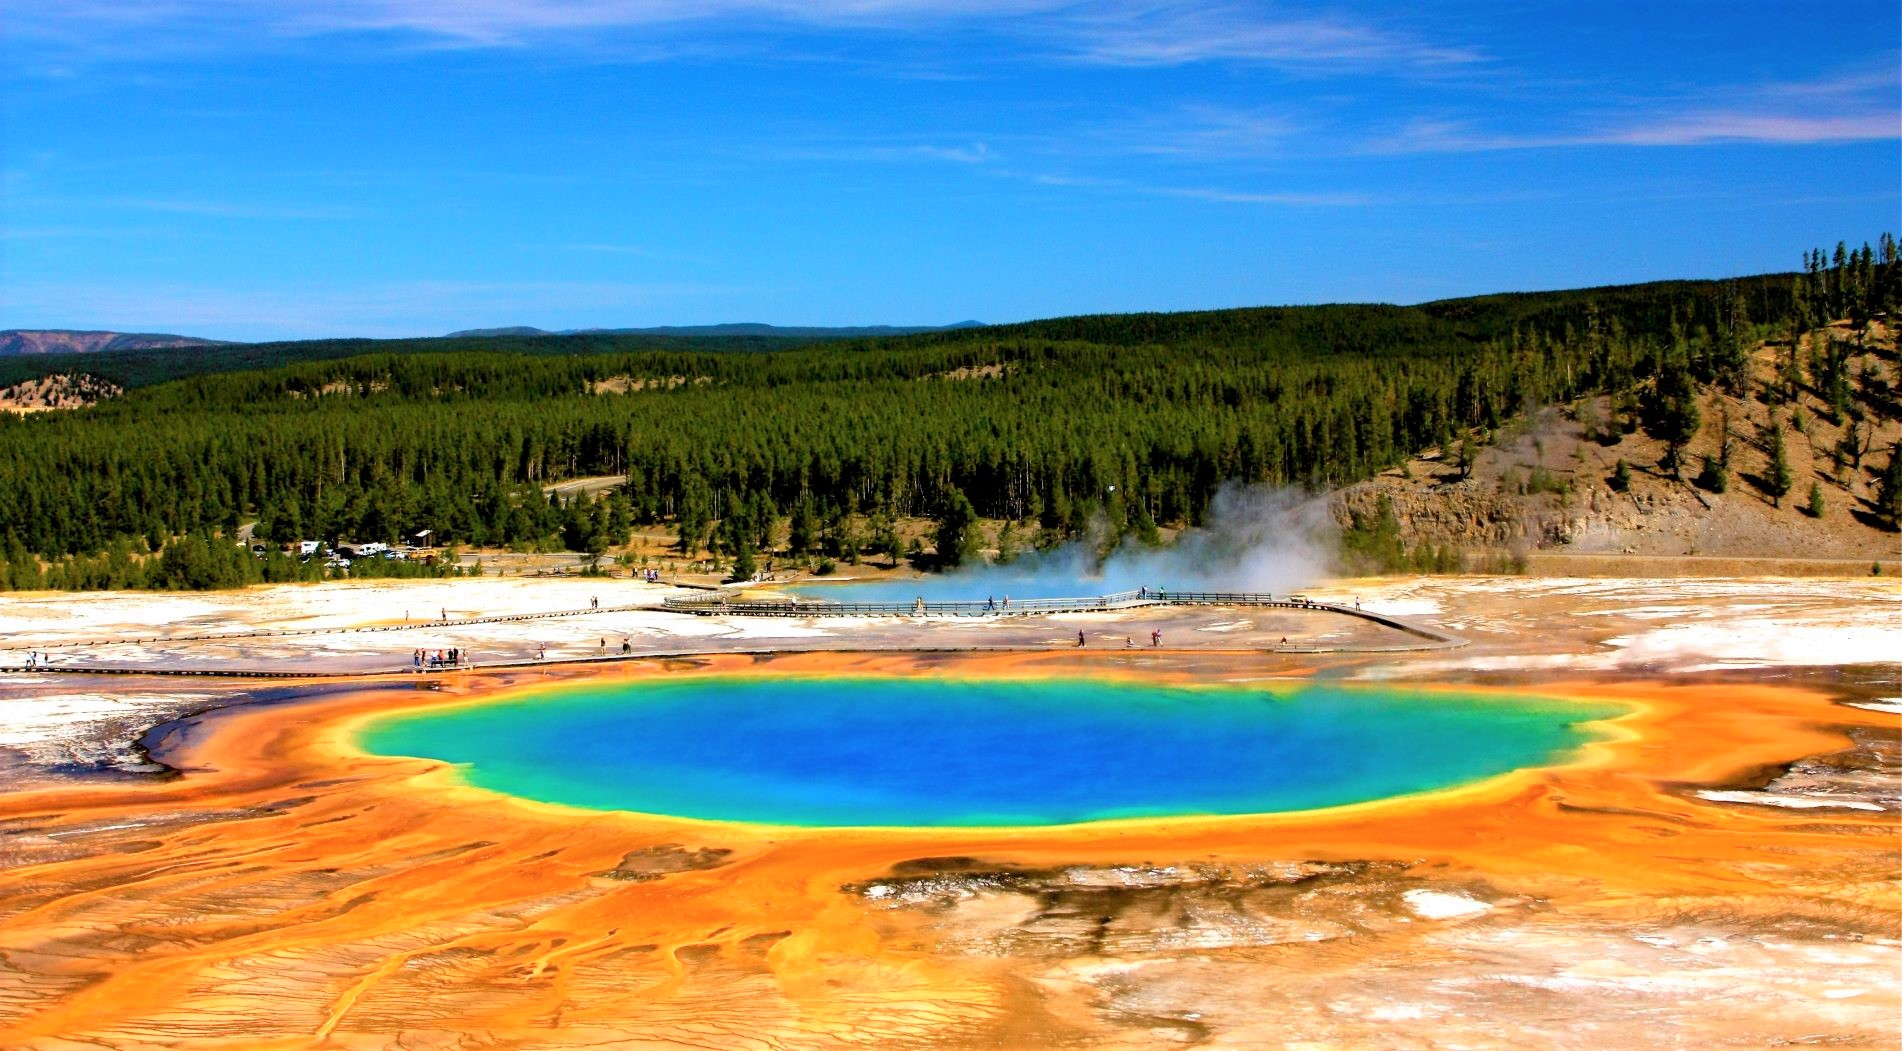 """イエローストーン国立公園では最大の温泉プール""""グランドプリズマティック""""を見下ろす展望地へ"""